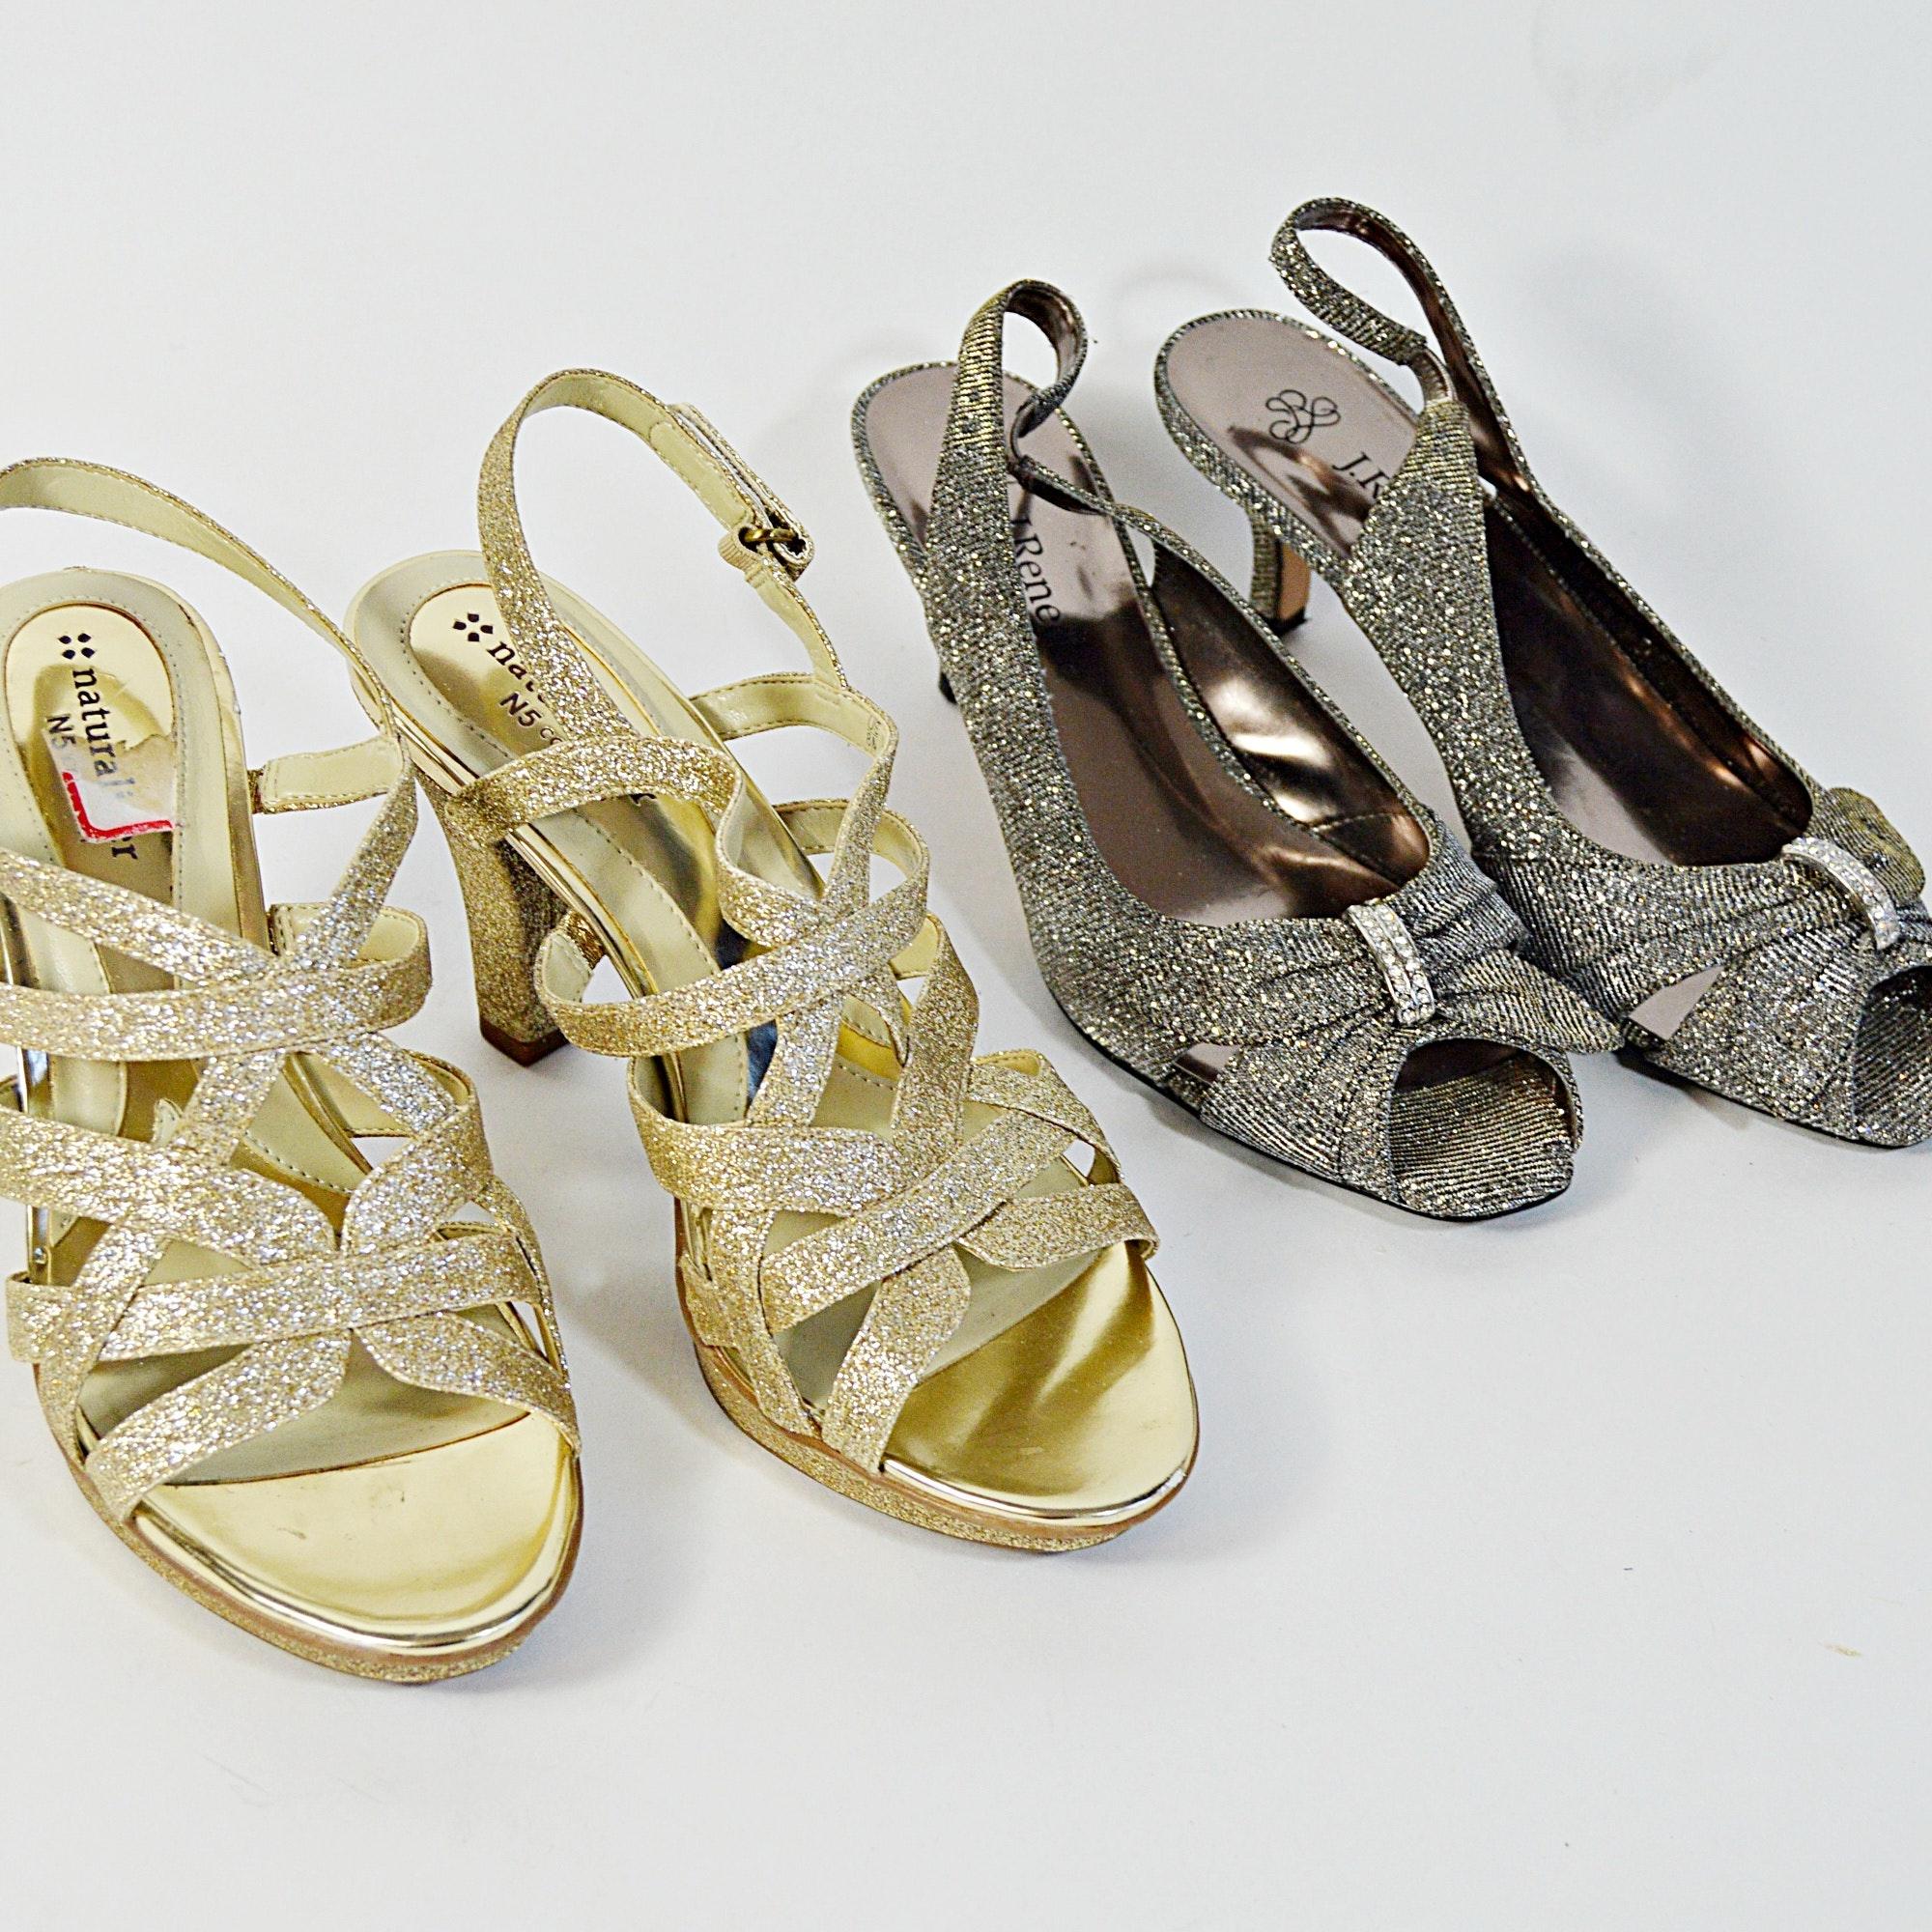 Naturalizer and J. Renee Sandal Heels, 8M